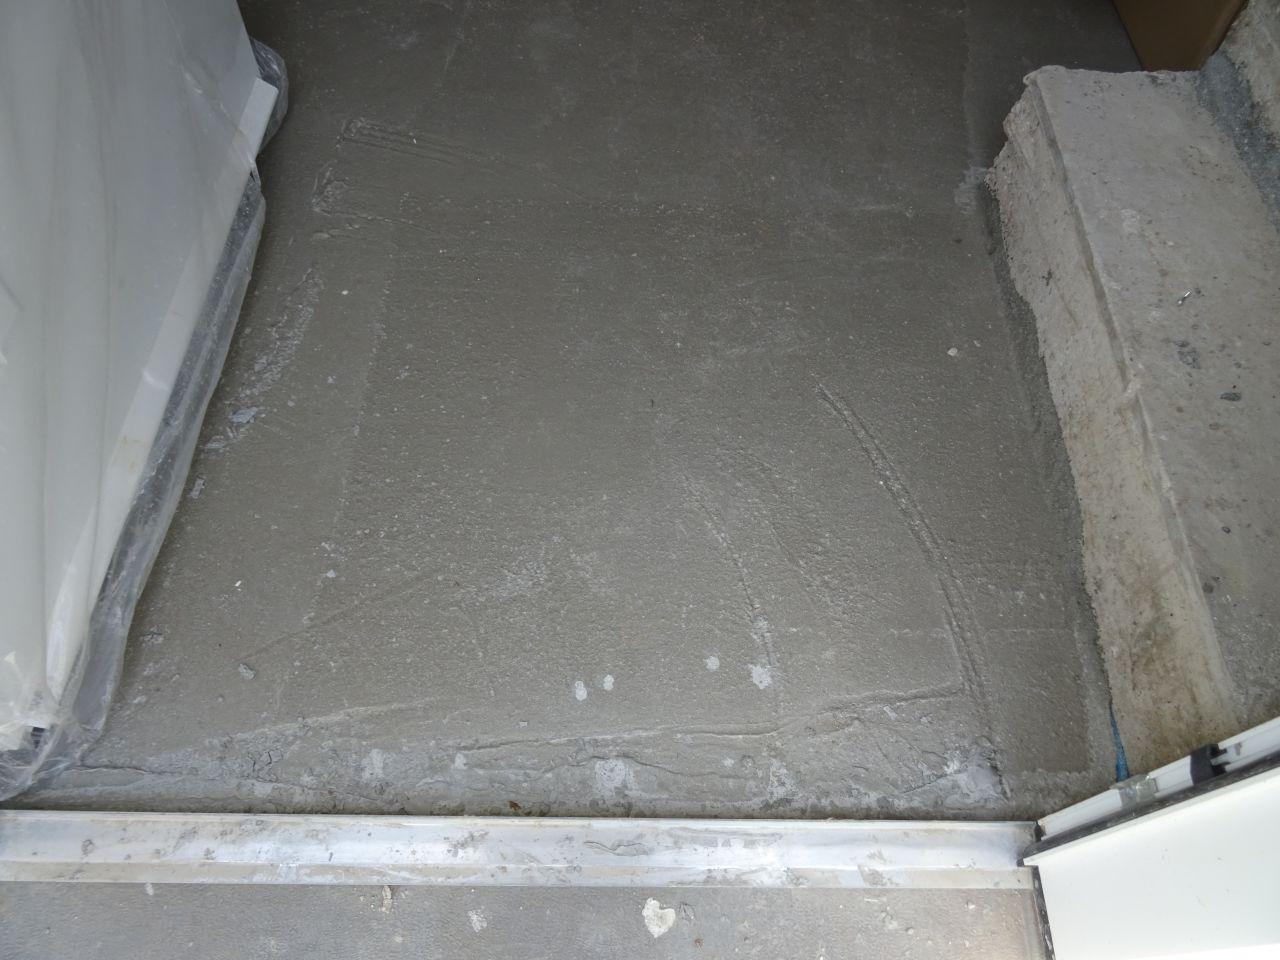 Malin d'avoir laissé le plastique sur la porte au moment du coulage de la dalle...